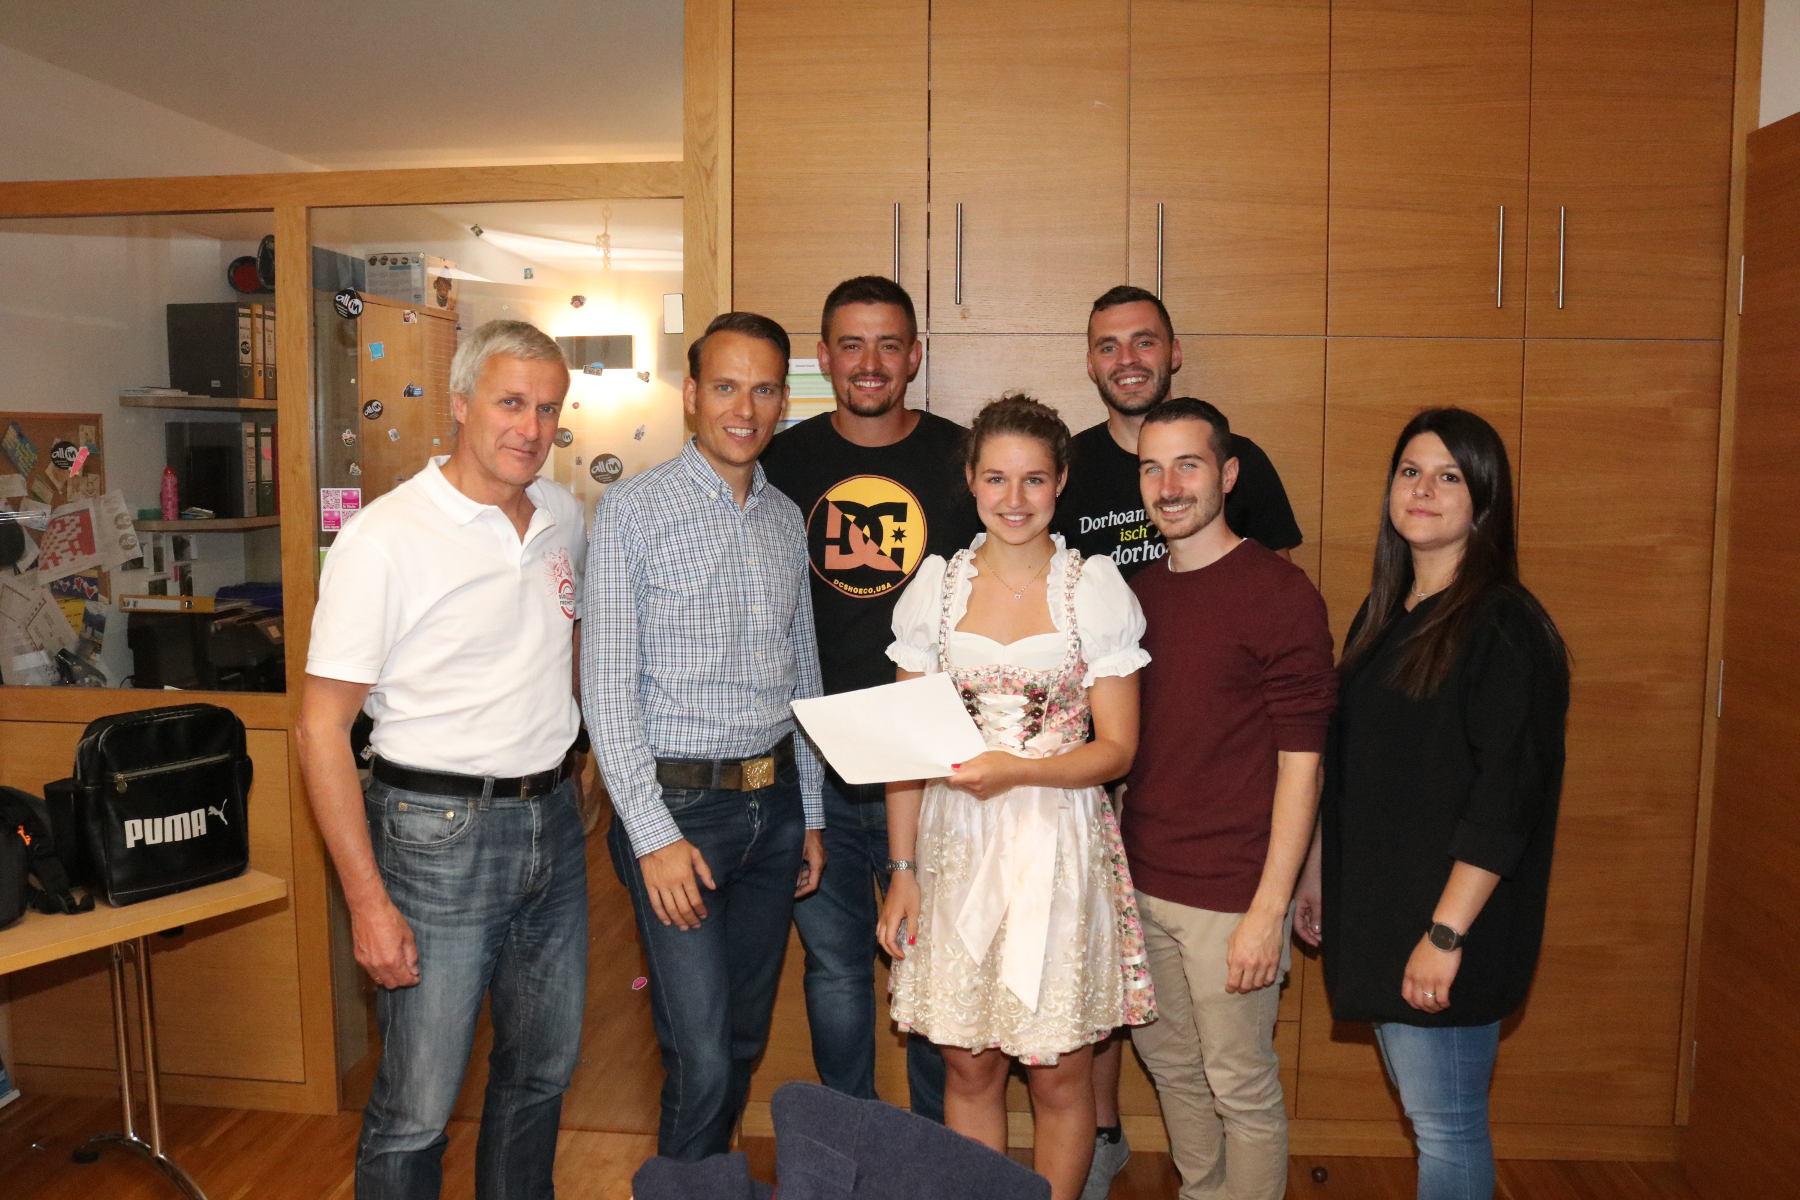 Junge Süd-Tiroler Freiheit - ErfolgStudientitelanerkennung: Wichtiger Schritt gesetzt